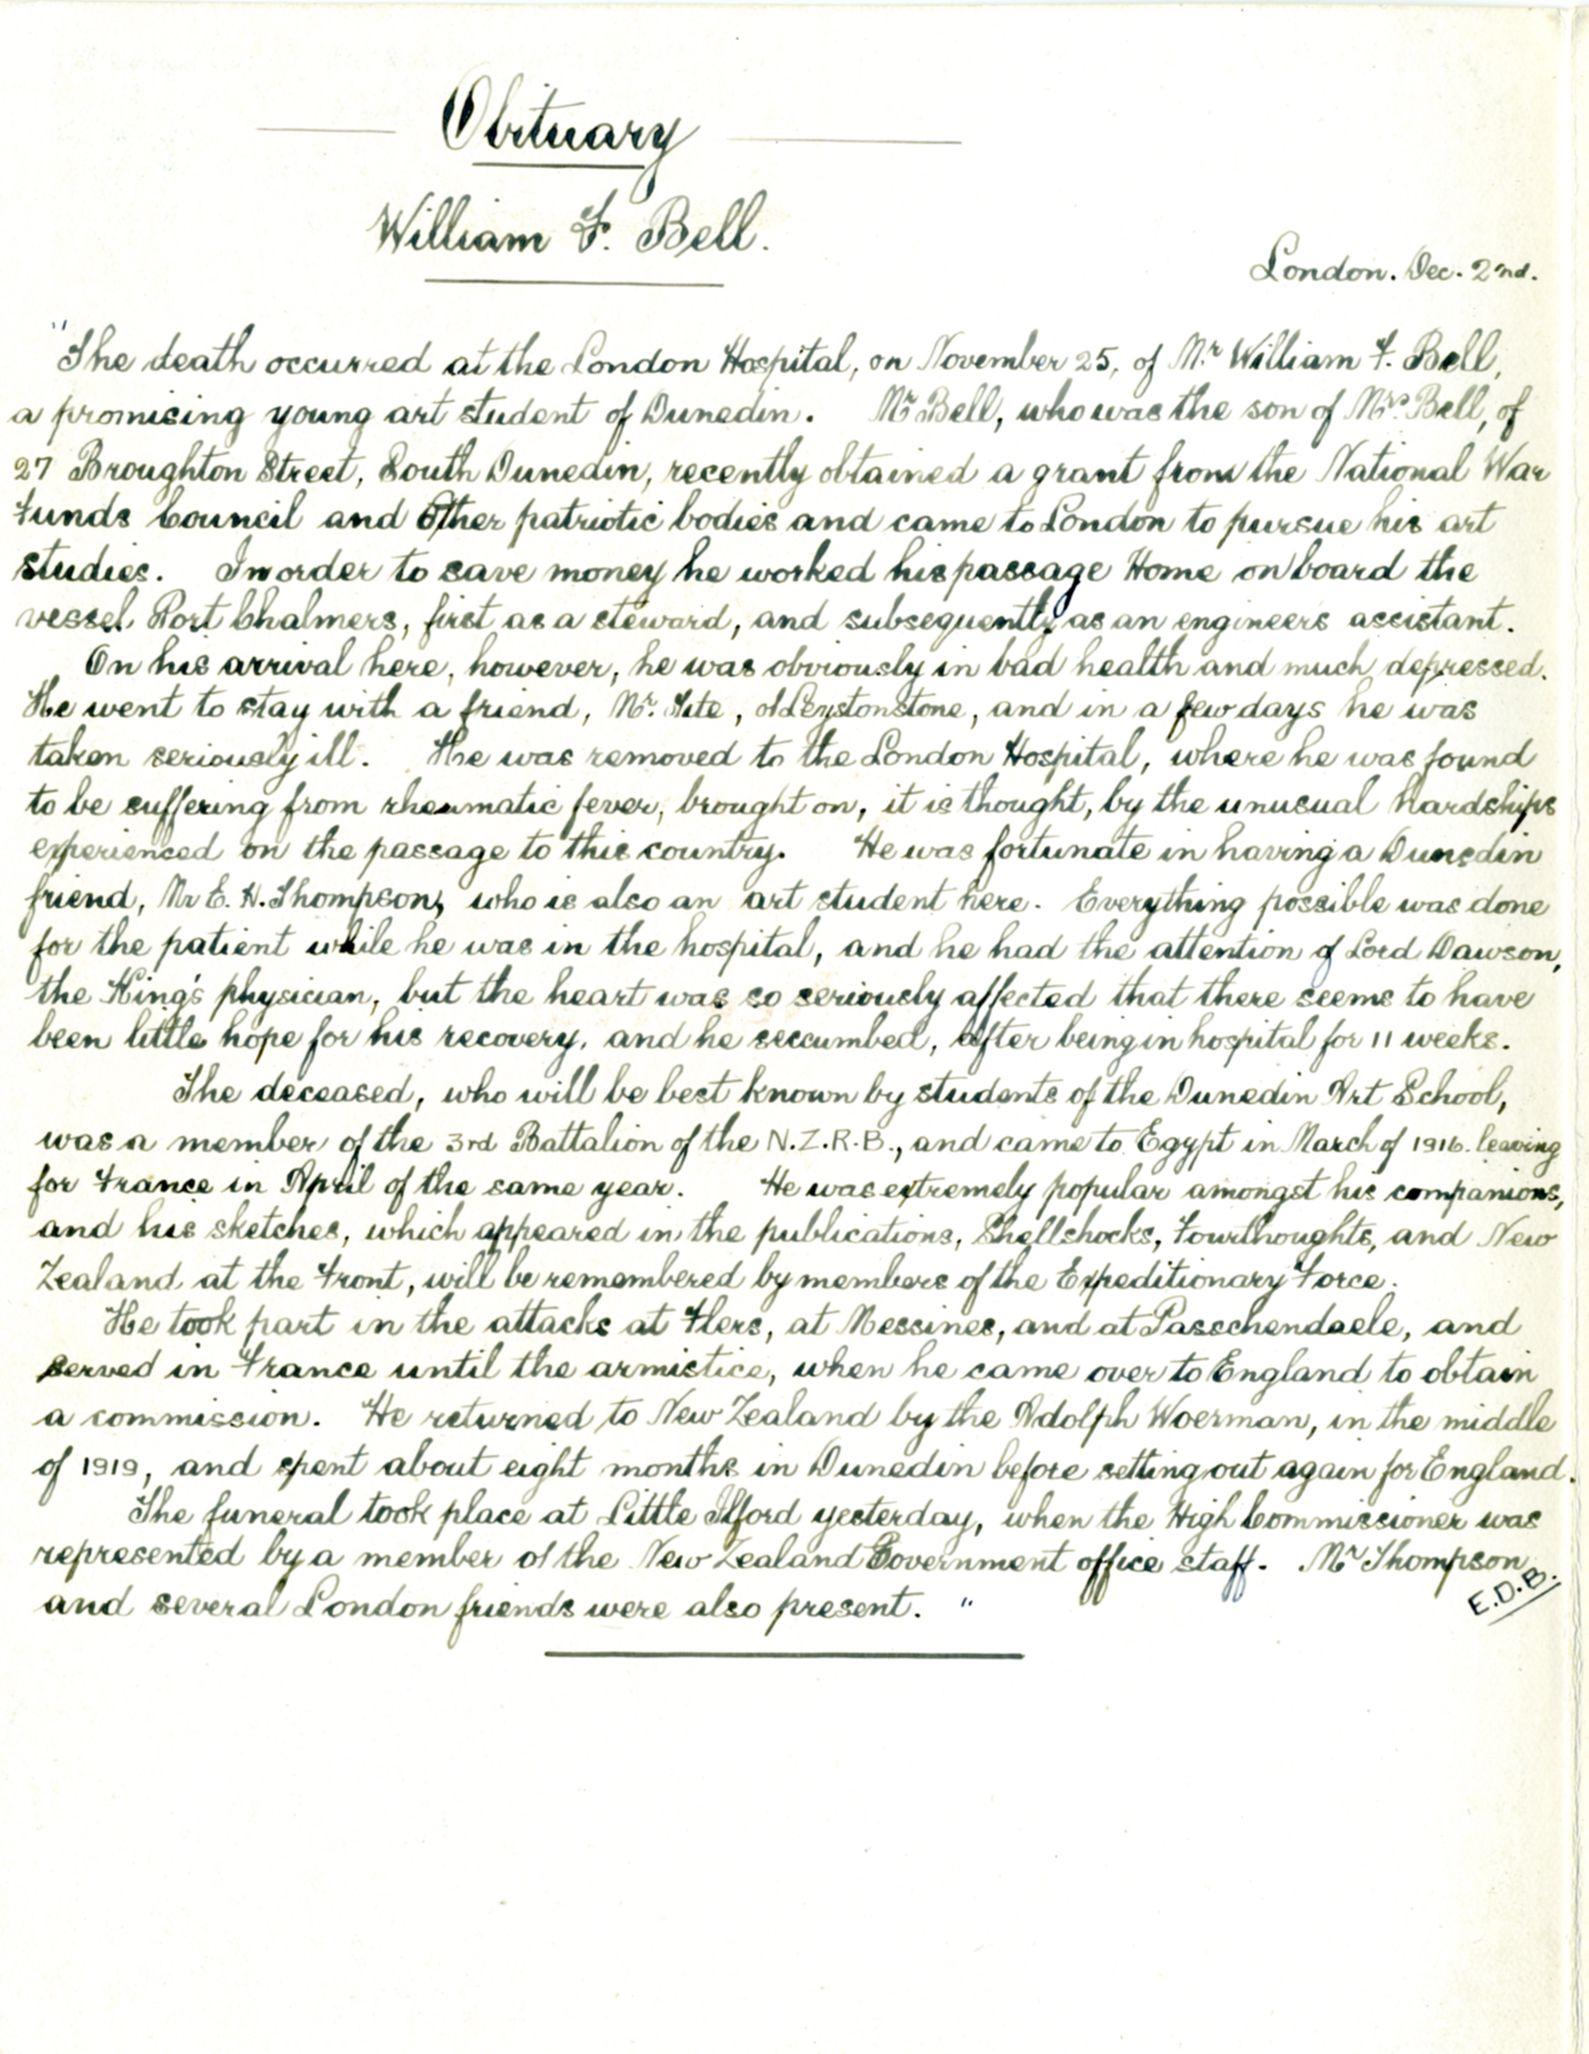 Obituary William F Bell in <i>Otago Daily Times</i>. Dec 2 1921, p. 3. Transcription by Elizabeth Dunbar Bryant